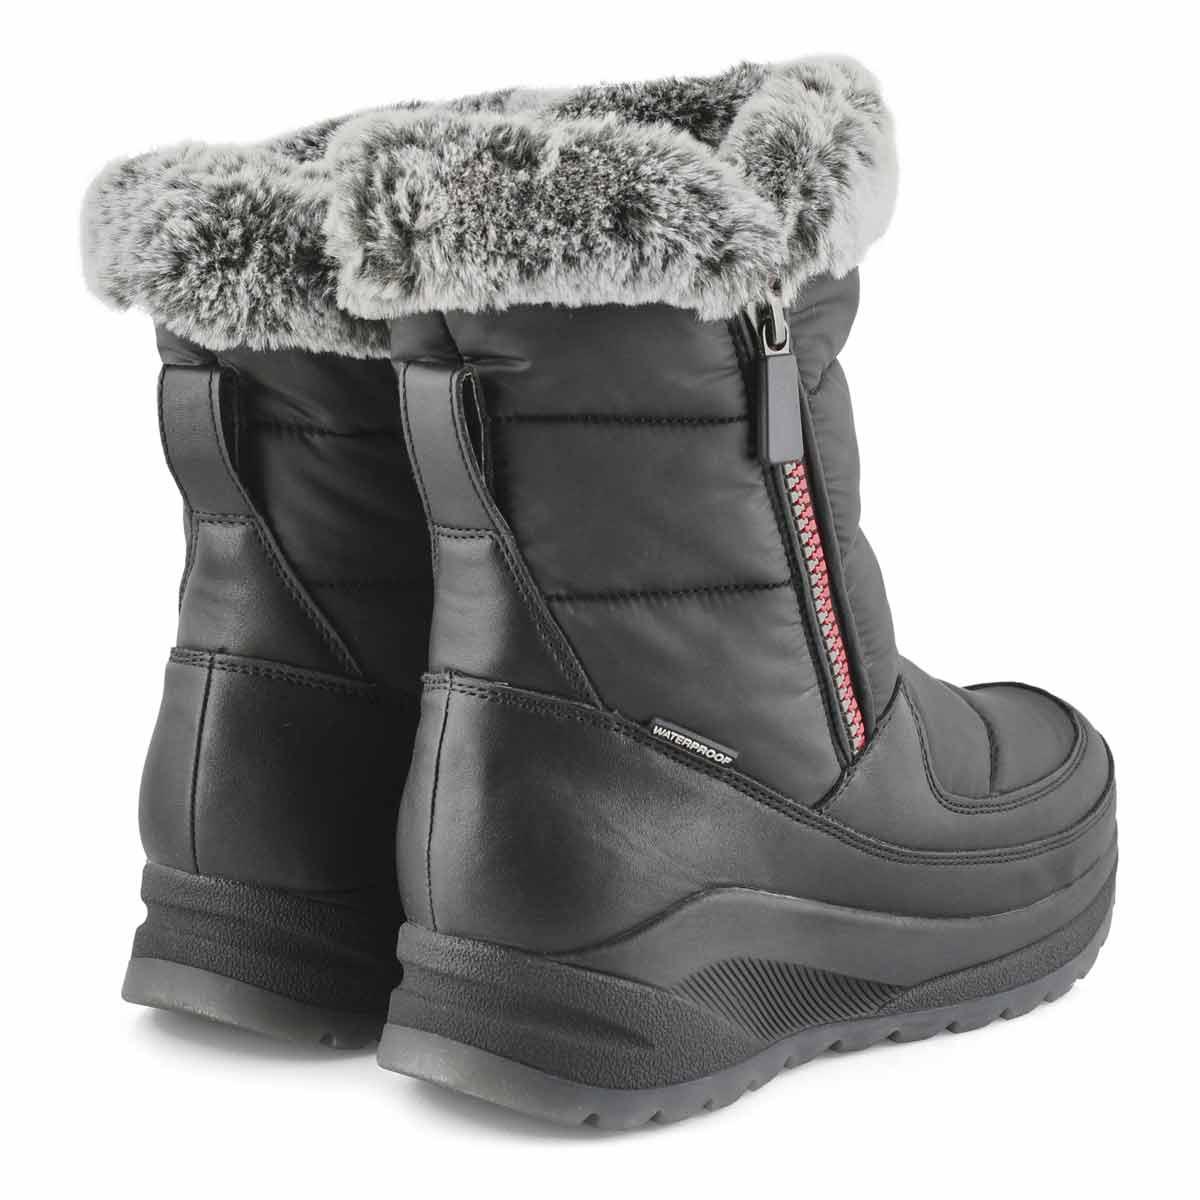 Women's SEISMIC black waterproof winter boots